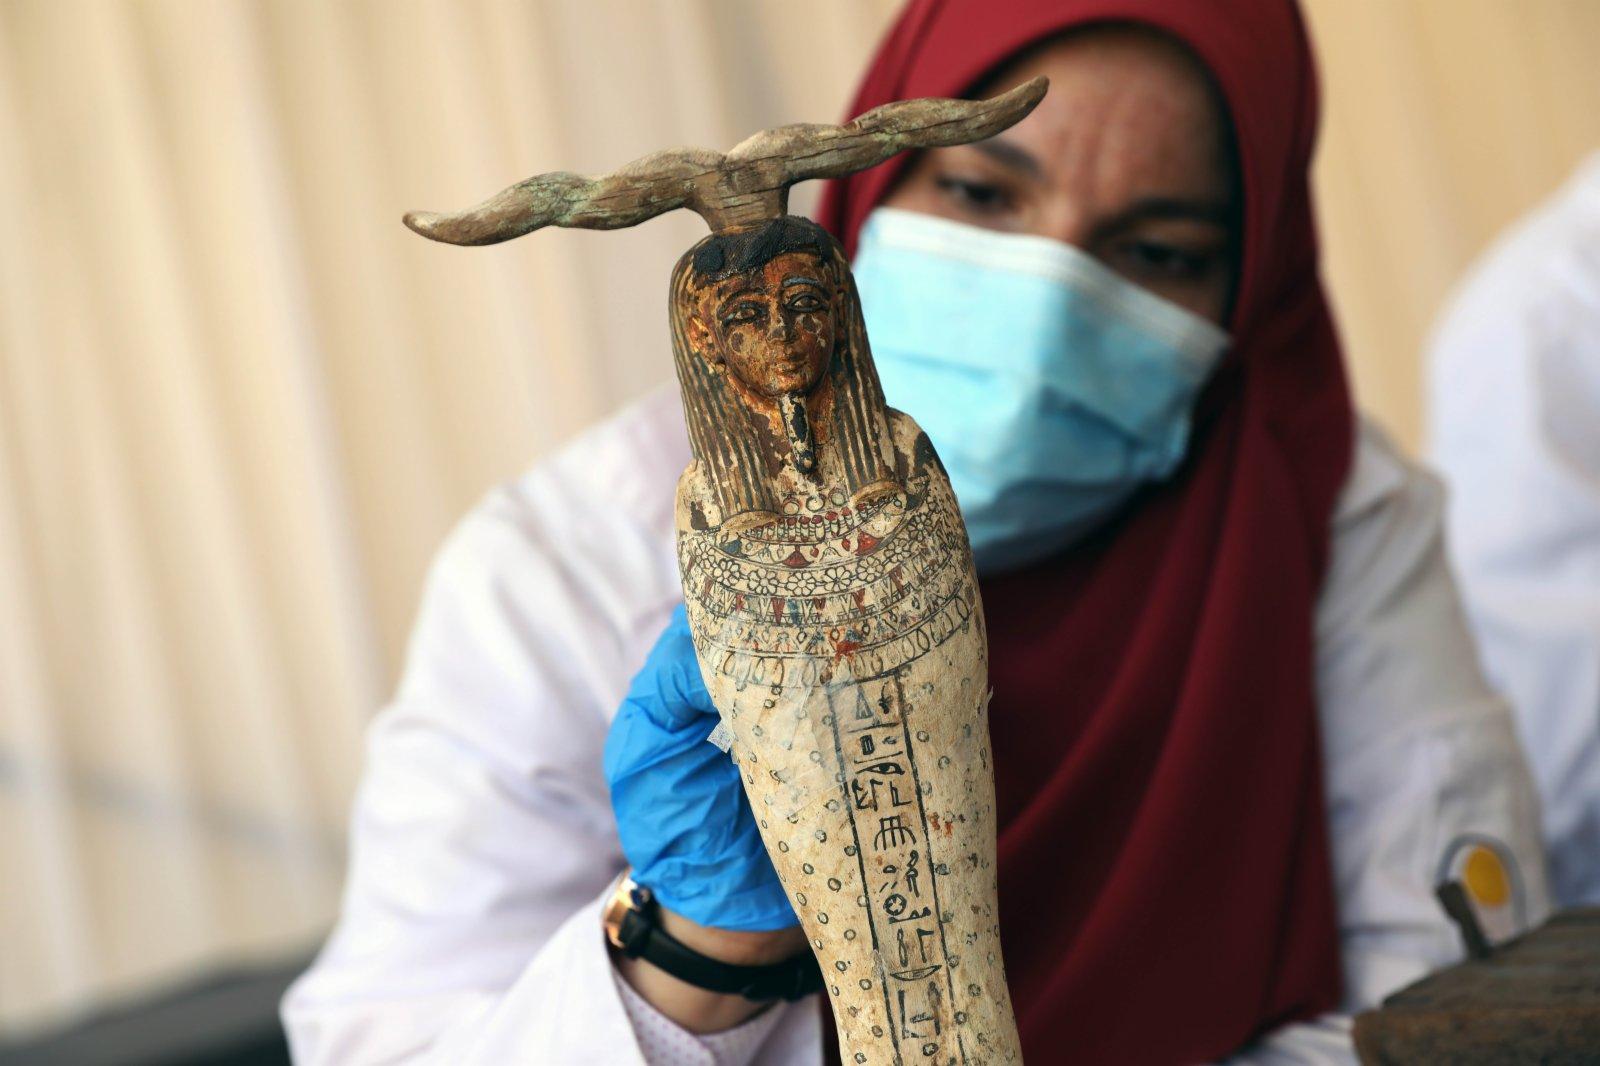 11月14日,在埃及吉薩,一名考古工作人員在彩繪木棺發現現場工作。(新華社)